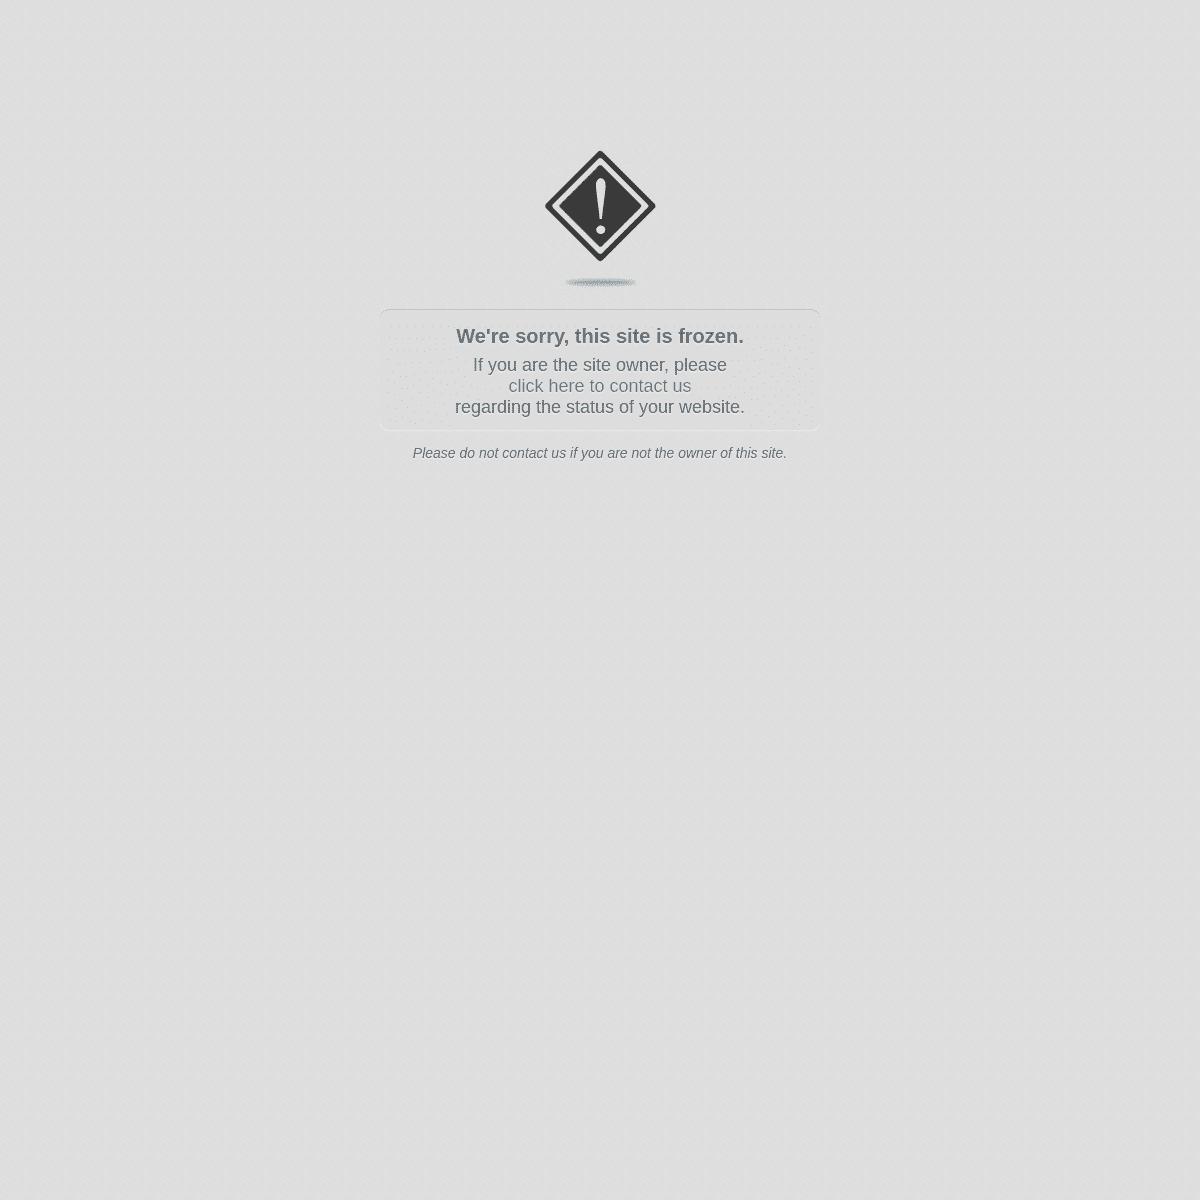 This website is frozen.